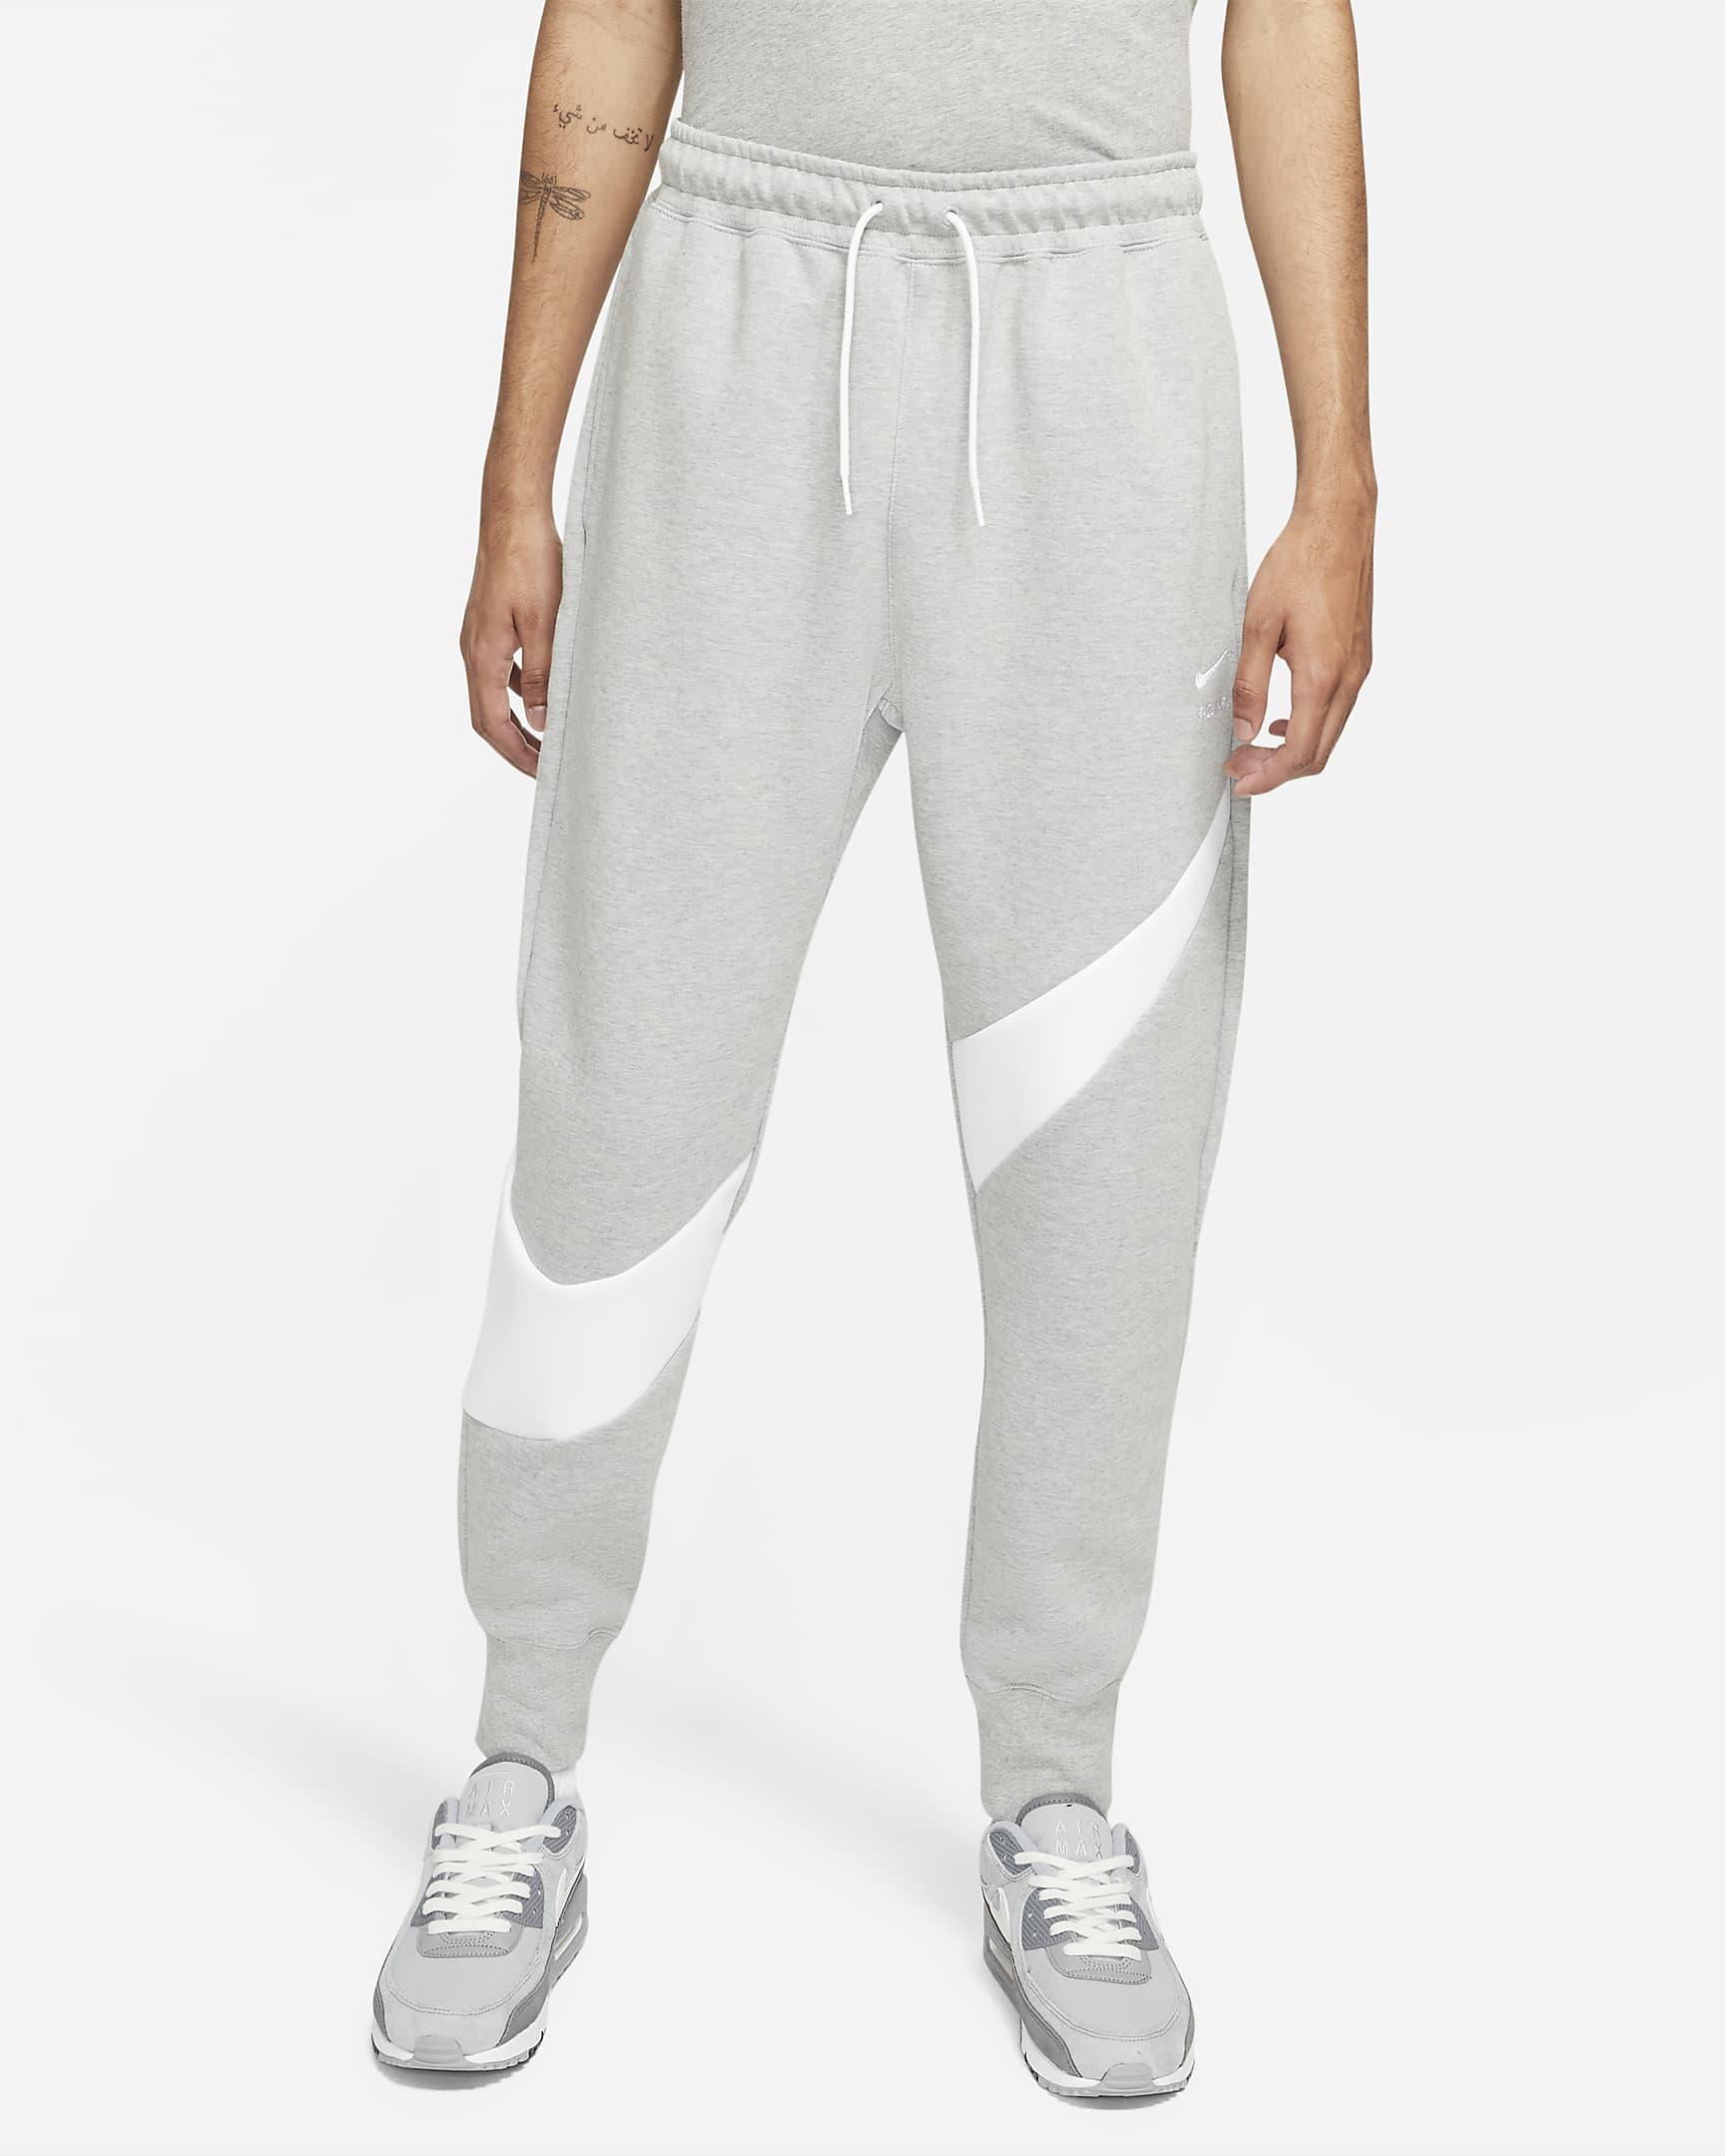 nike-sportswear-swoosh-tech-fleece-mens-pants-4BpCFp.png